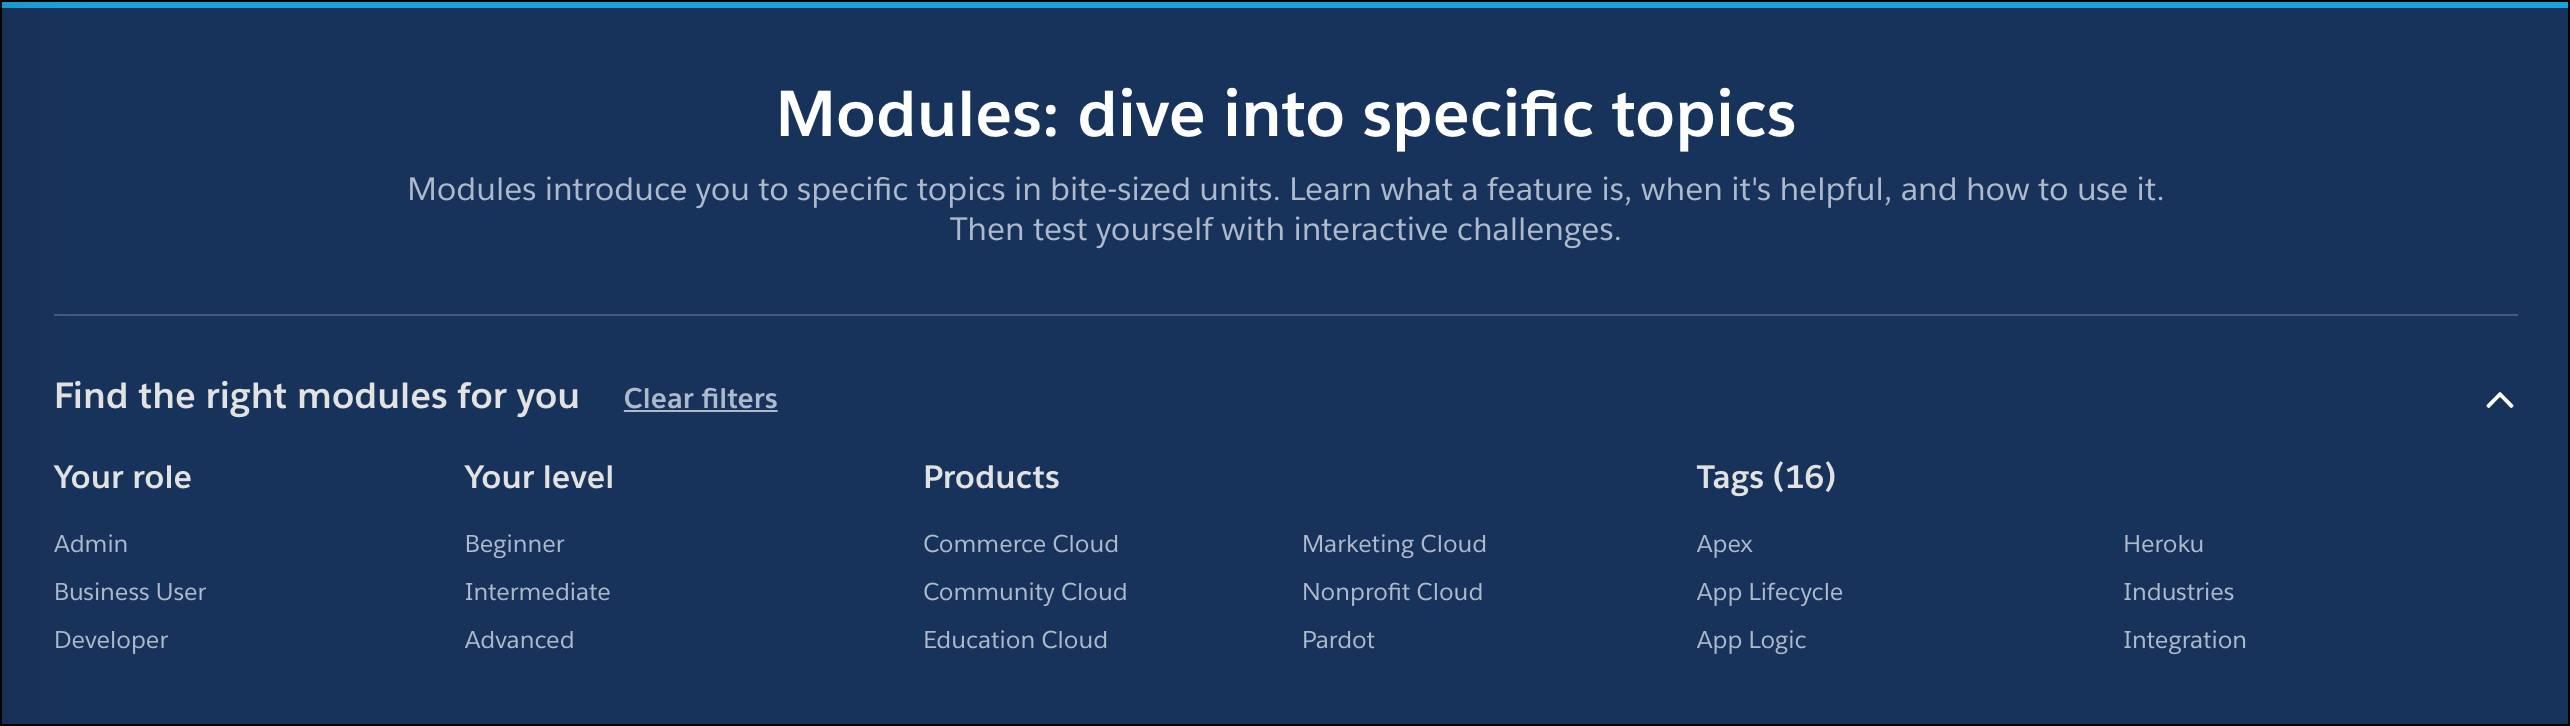 Les filtres de rôle, niveau, produit et thème en haut de la page de tous les modules.